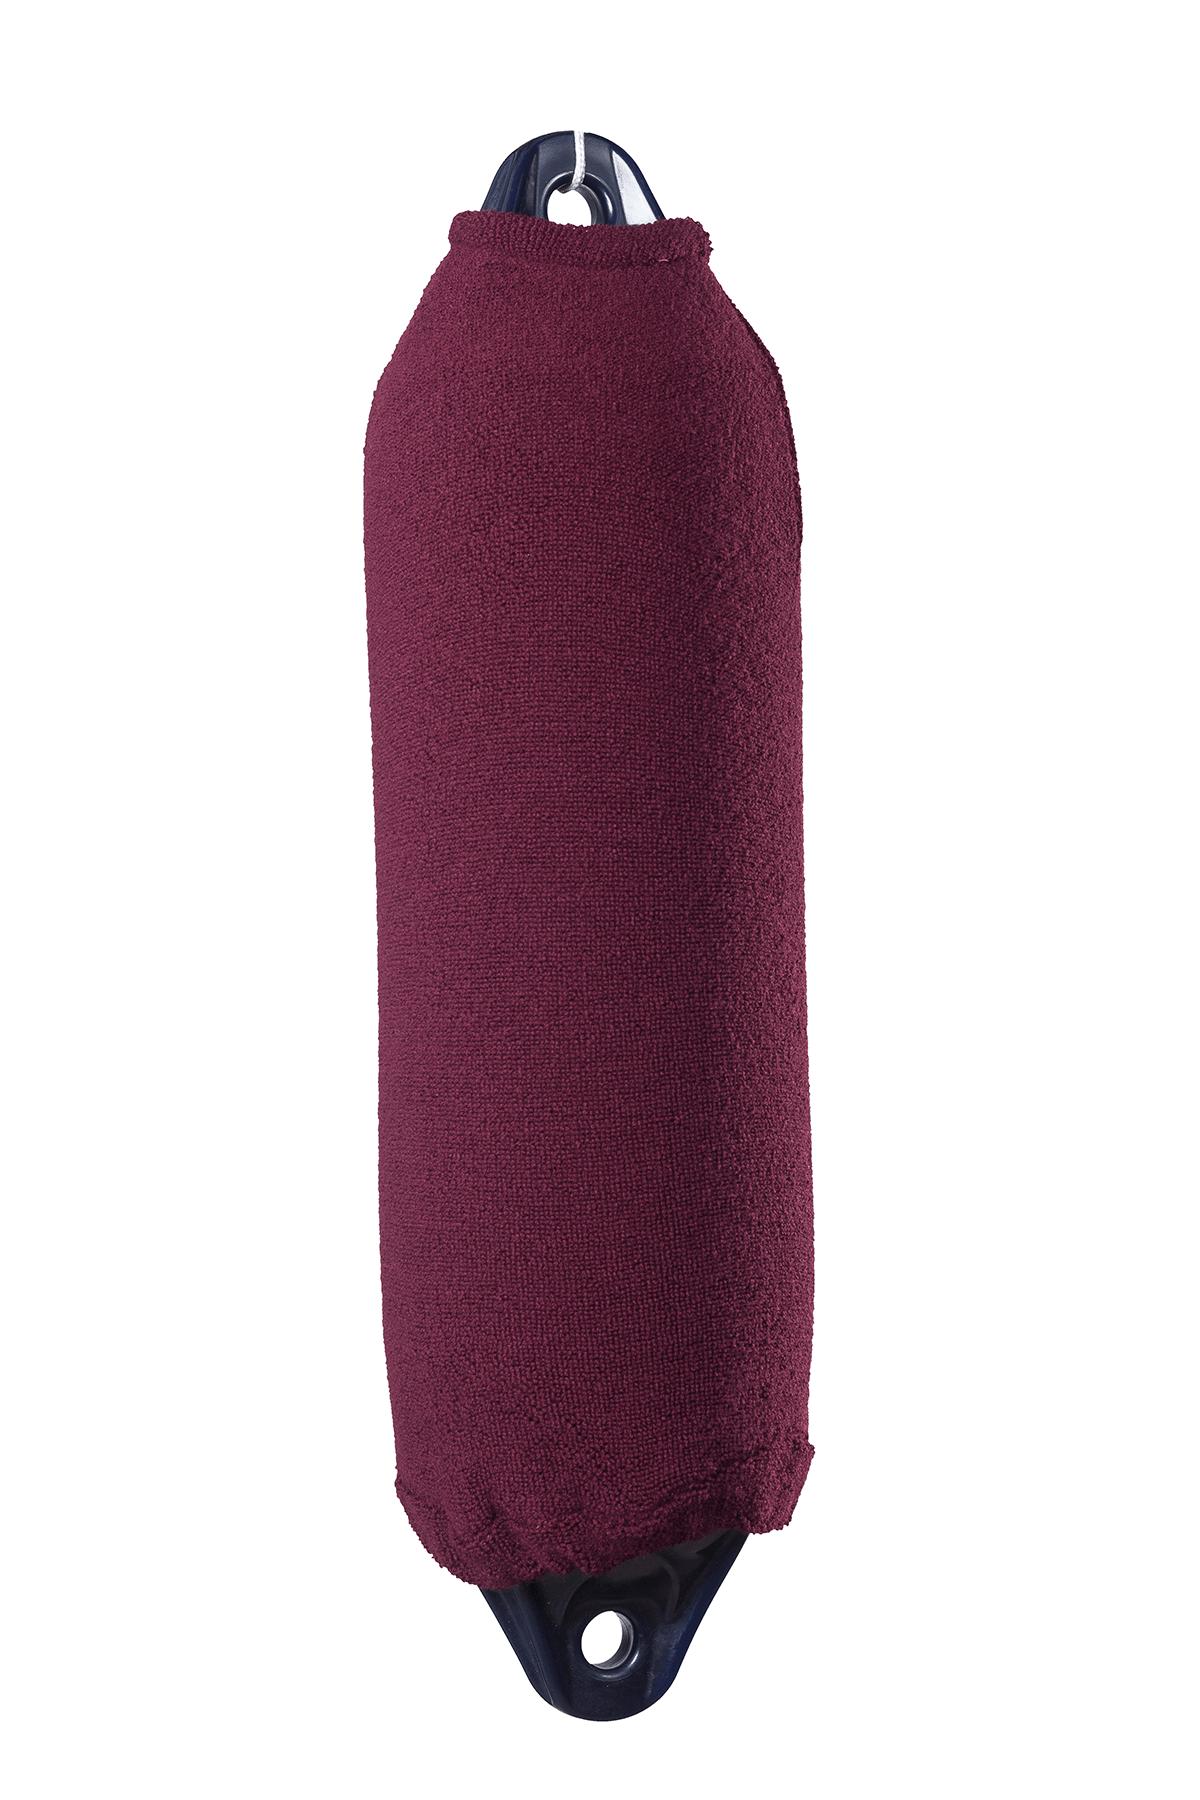 22.96 - Καλύμματα Μακρόστενων Μπαλονιών 66cm Χρώματος Μπορντό - Σετ Των 2 Τεμαχίων